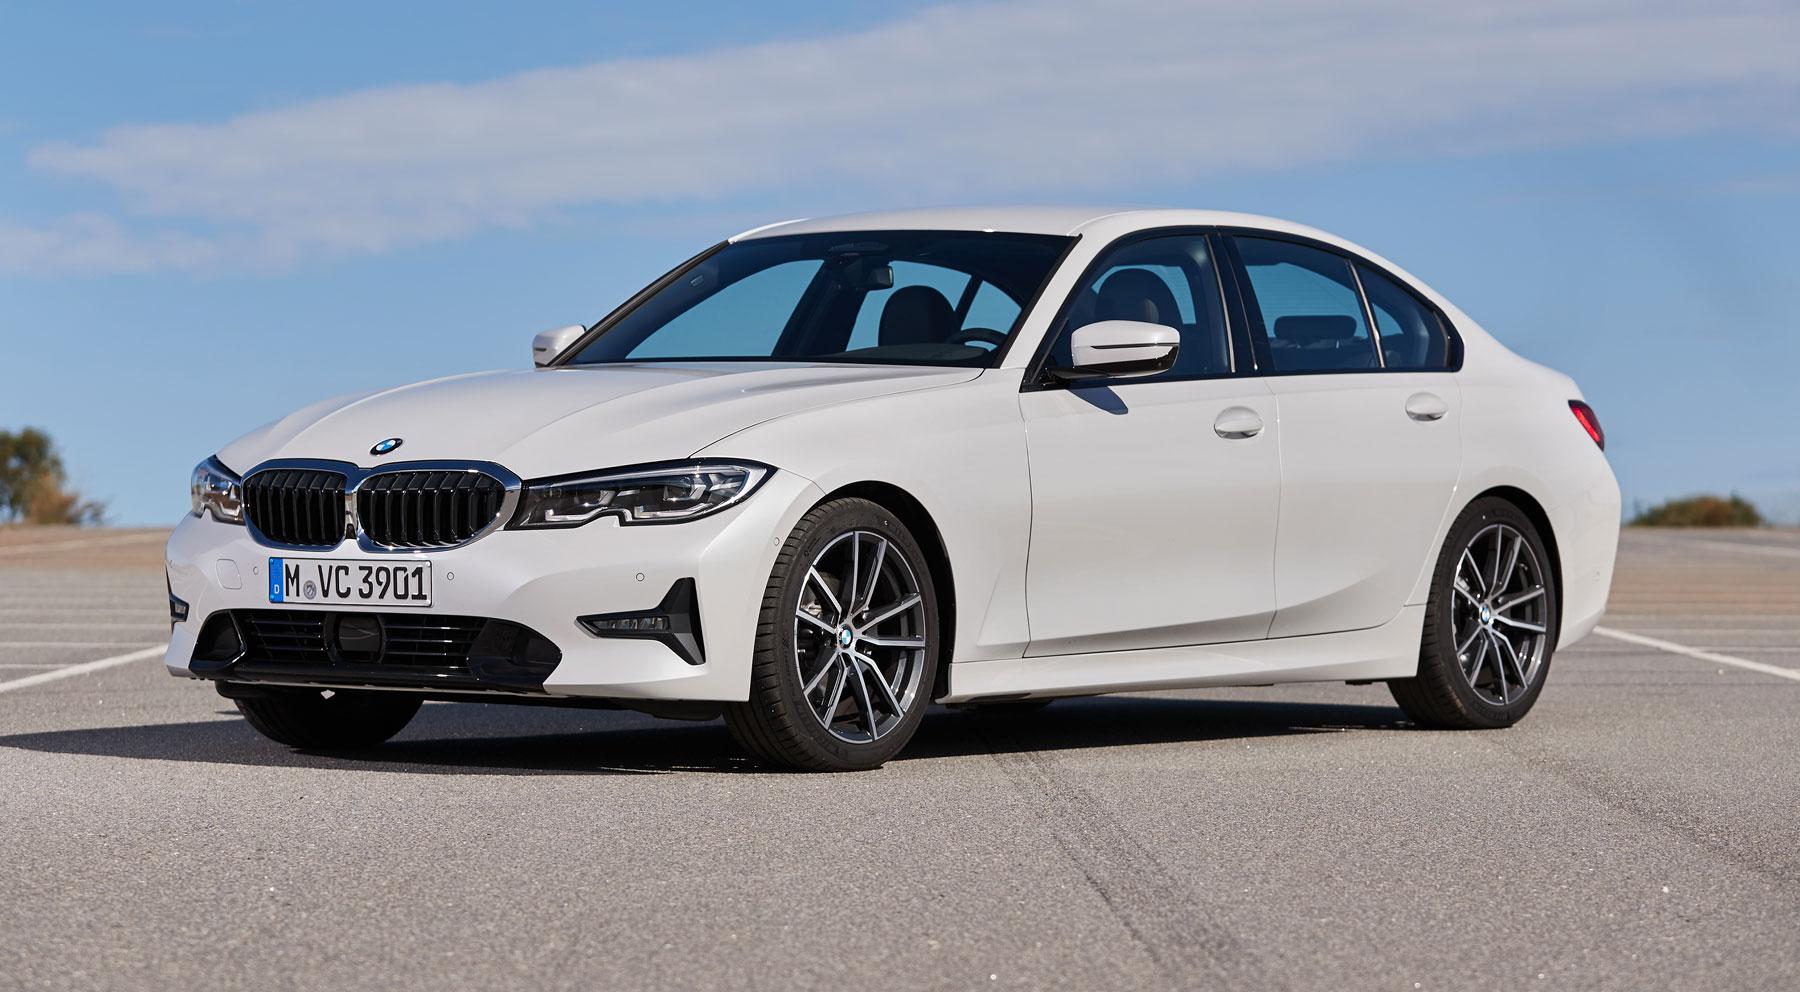 La estética estilizada del nuevo BMW Serie 3